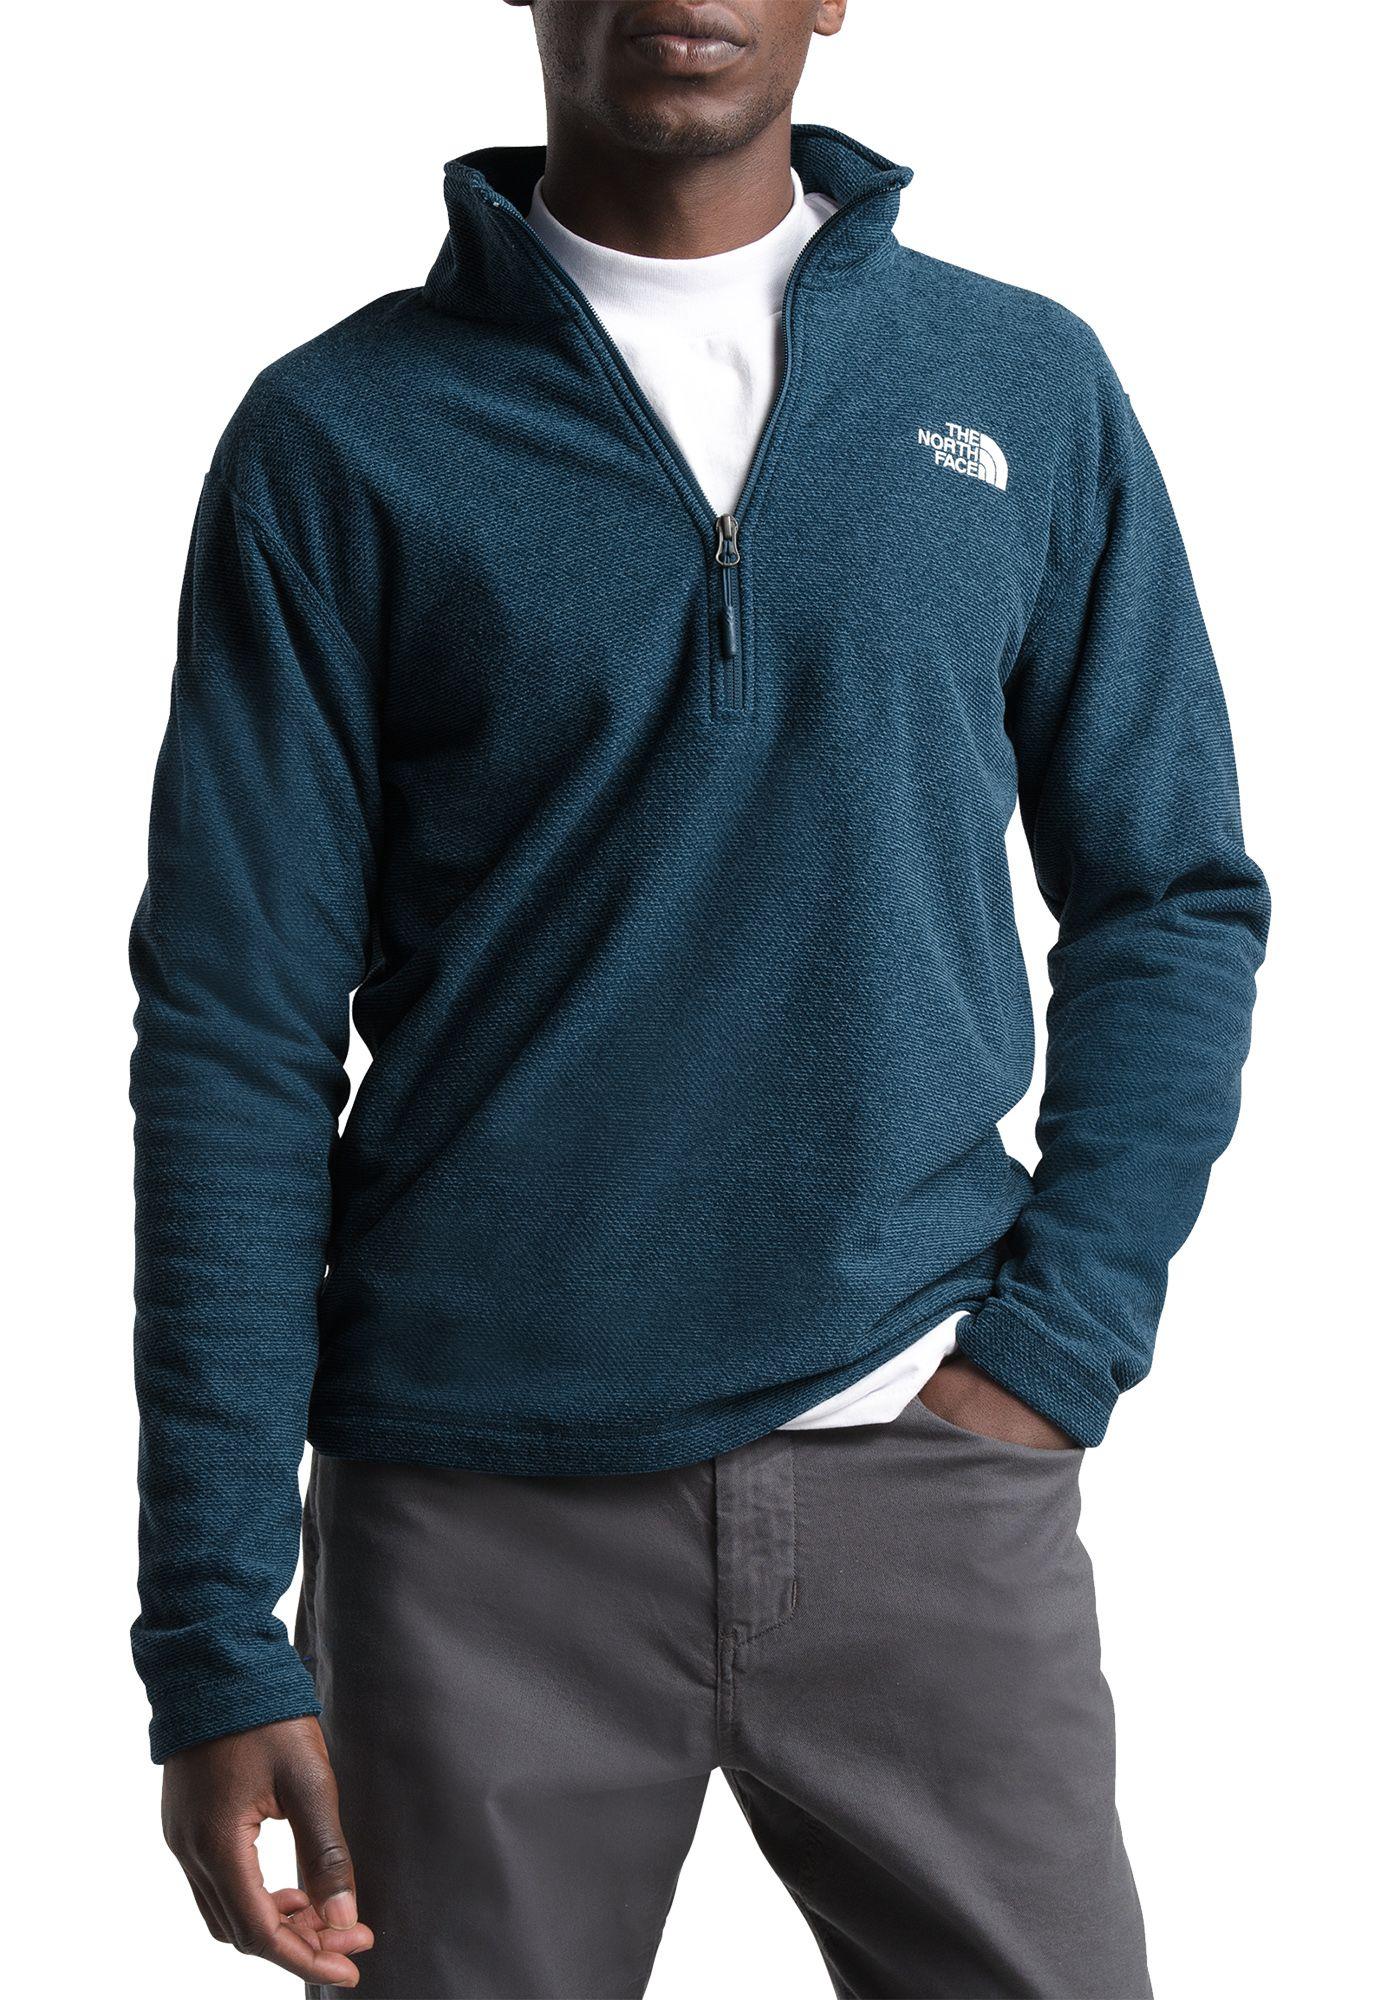 The North Face Men's Textured Cap Rock 1/4 Zip Pullover